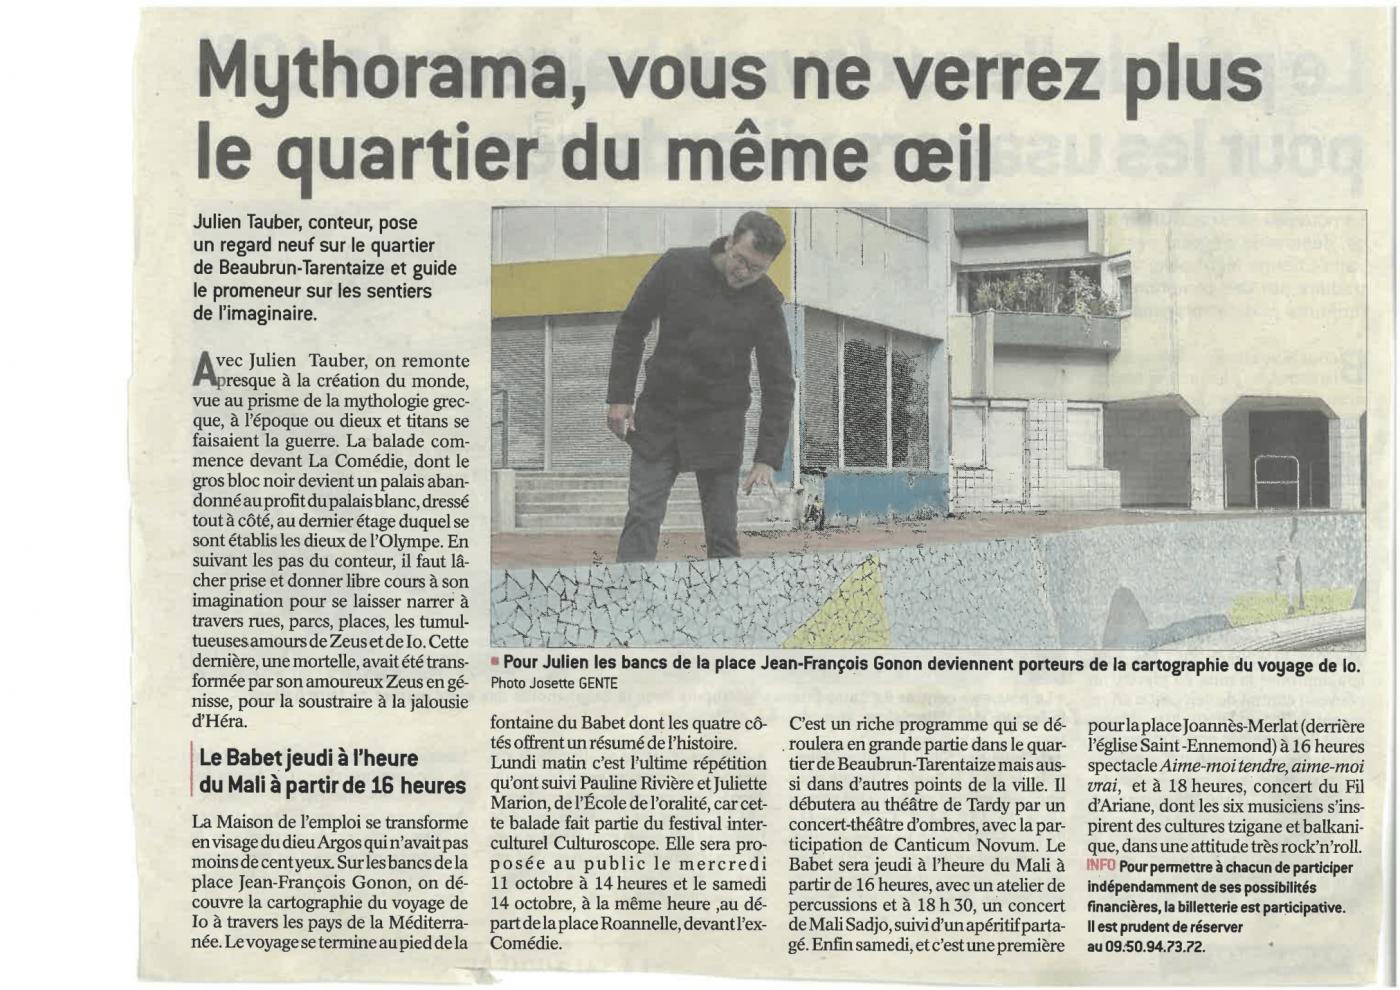 article : Mythorama, vous ne verrez plus le quartier du même œil